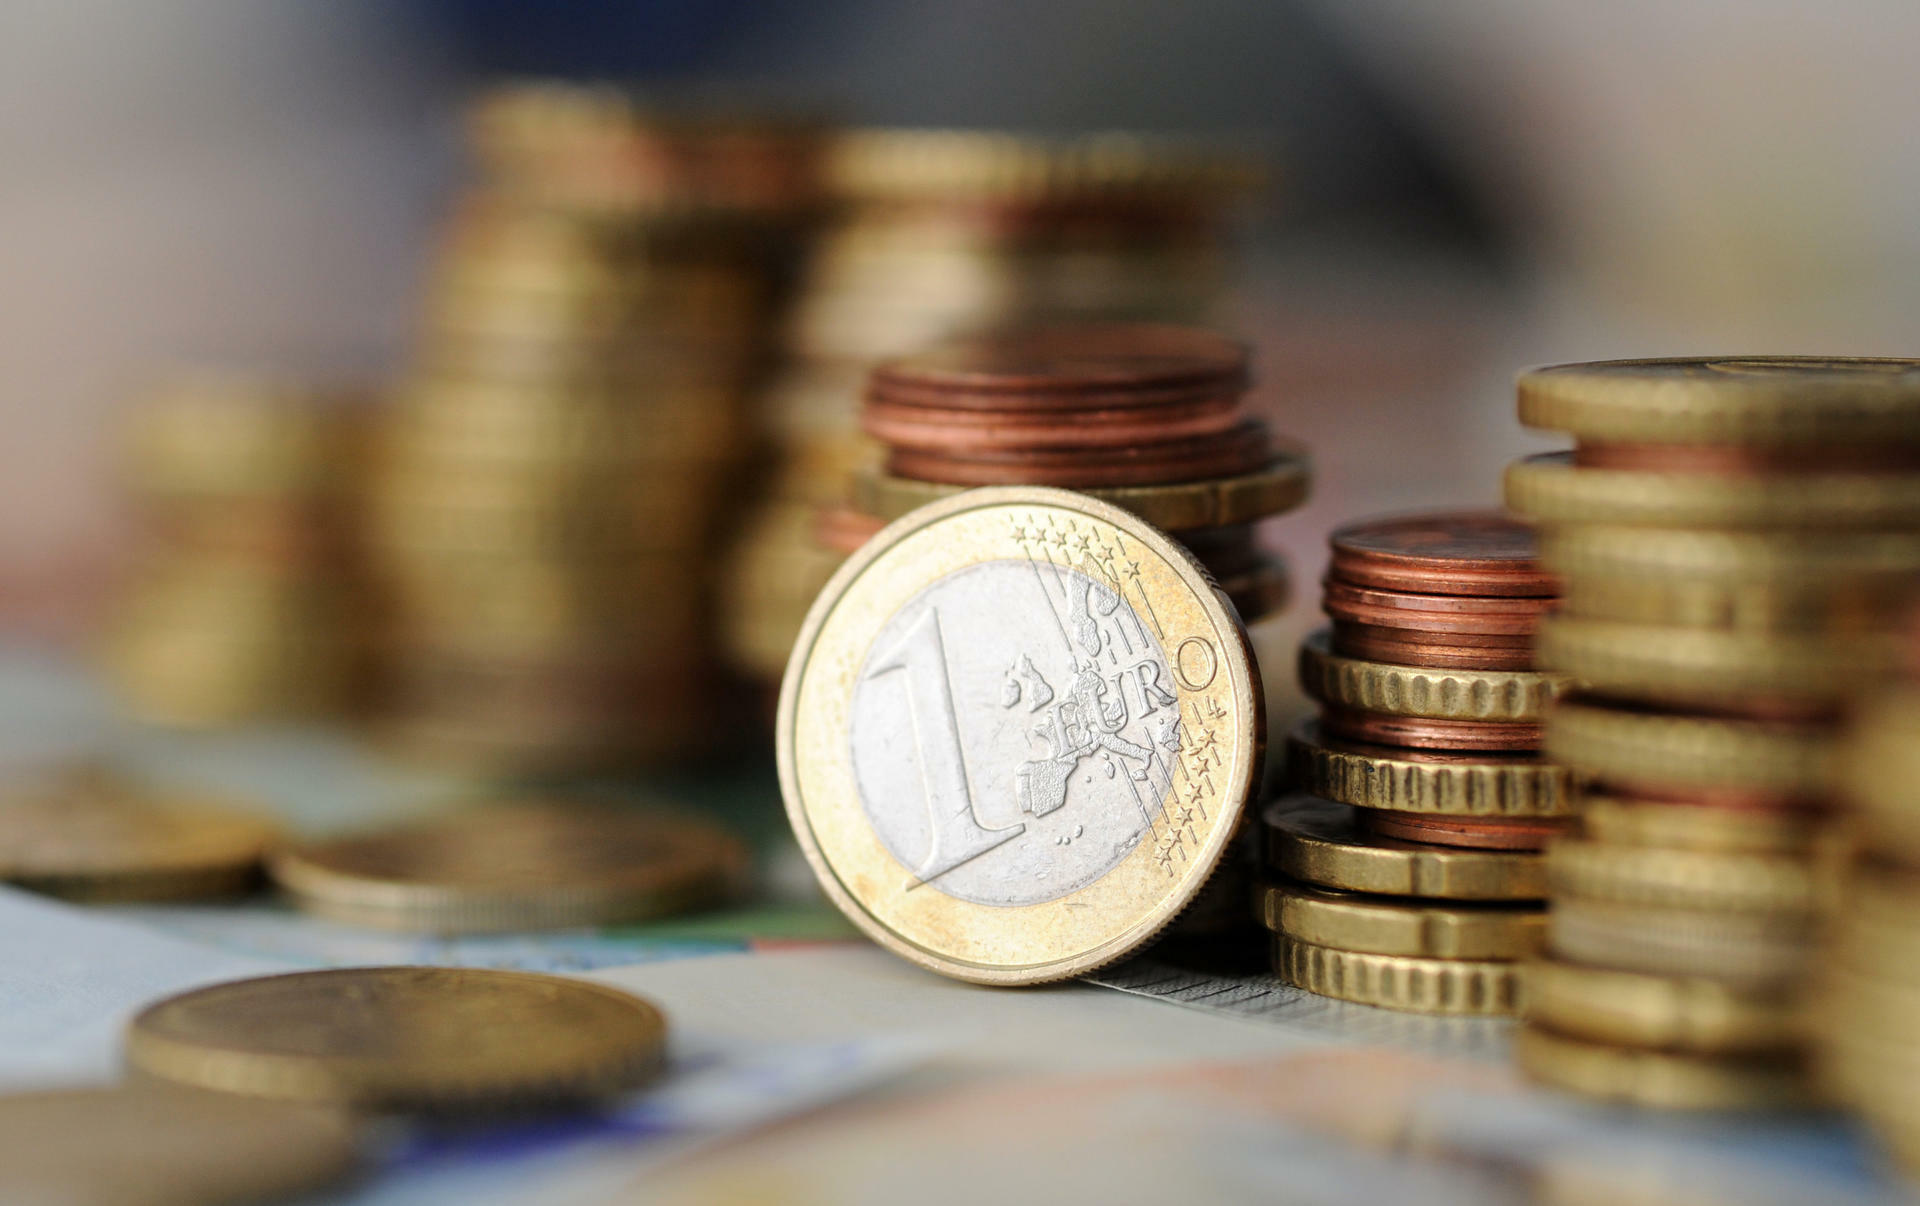 Sparda Bank Hannover Münzeinzahlungen Oft Nur Begrenzt Gratis